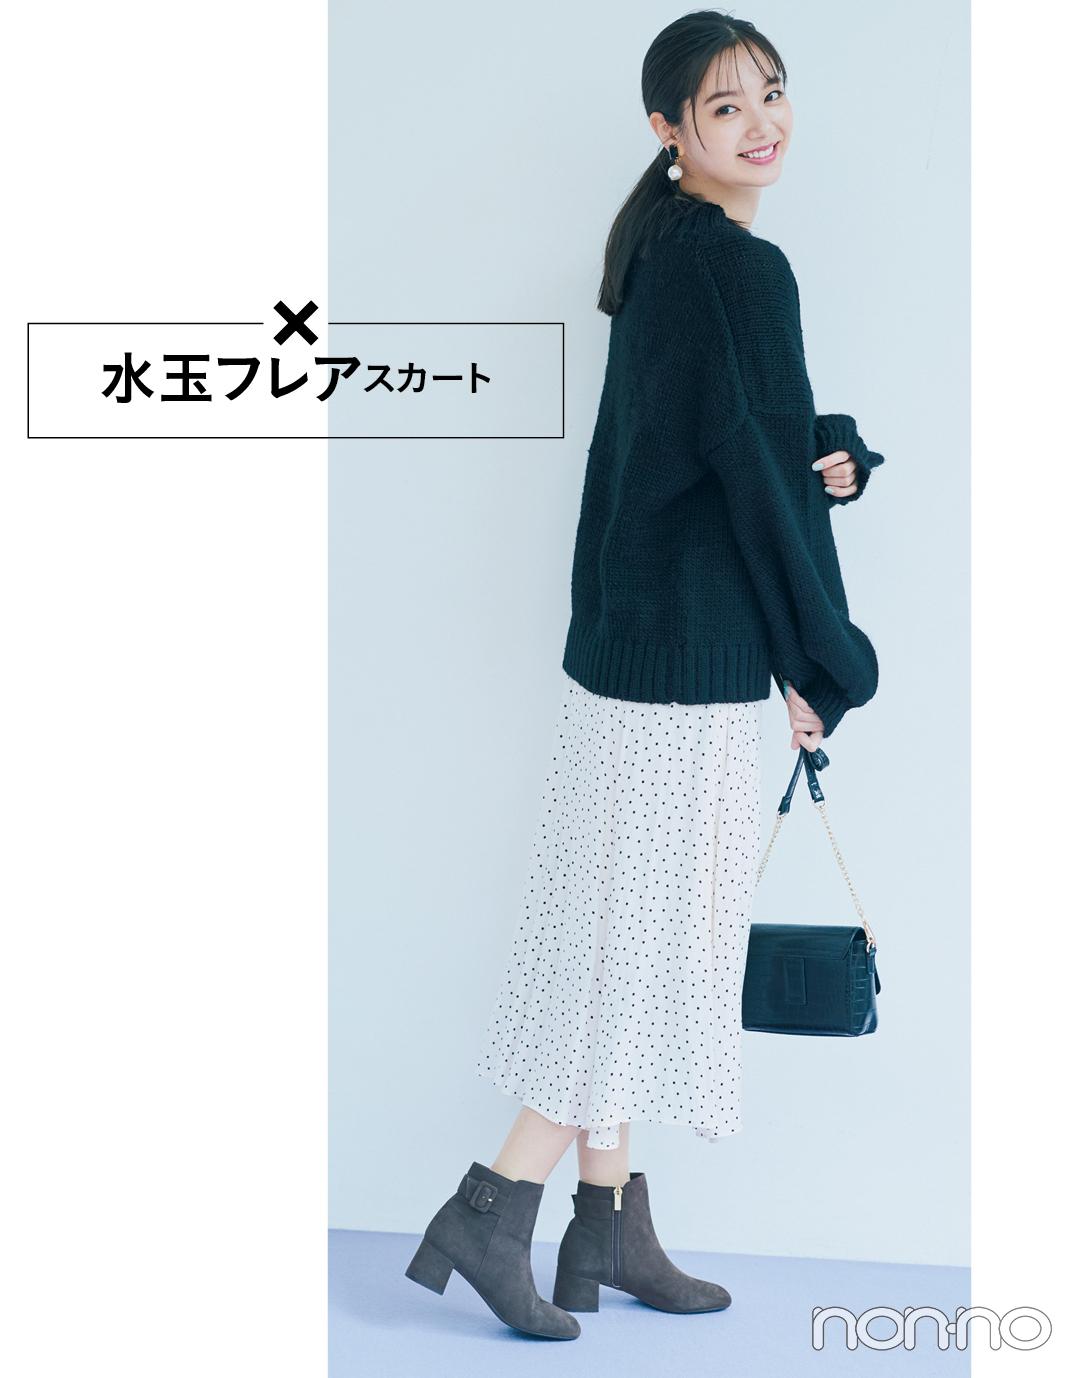 ×水玉フレアスカート